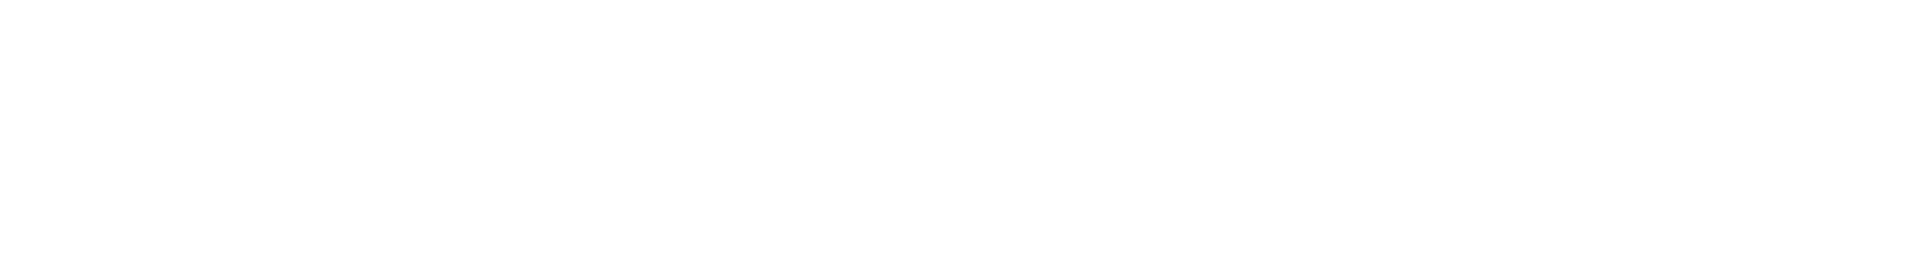 Waltbillig & Hood General Contractors, LLC